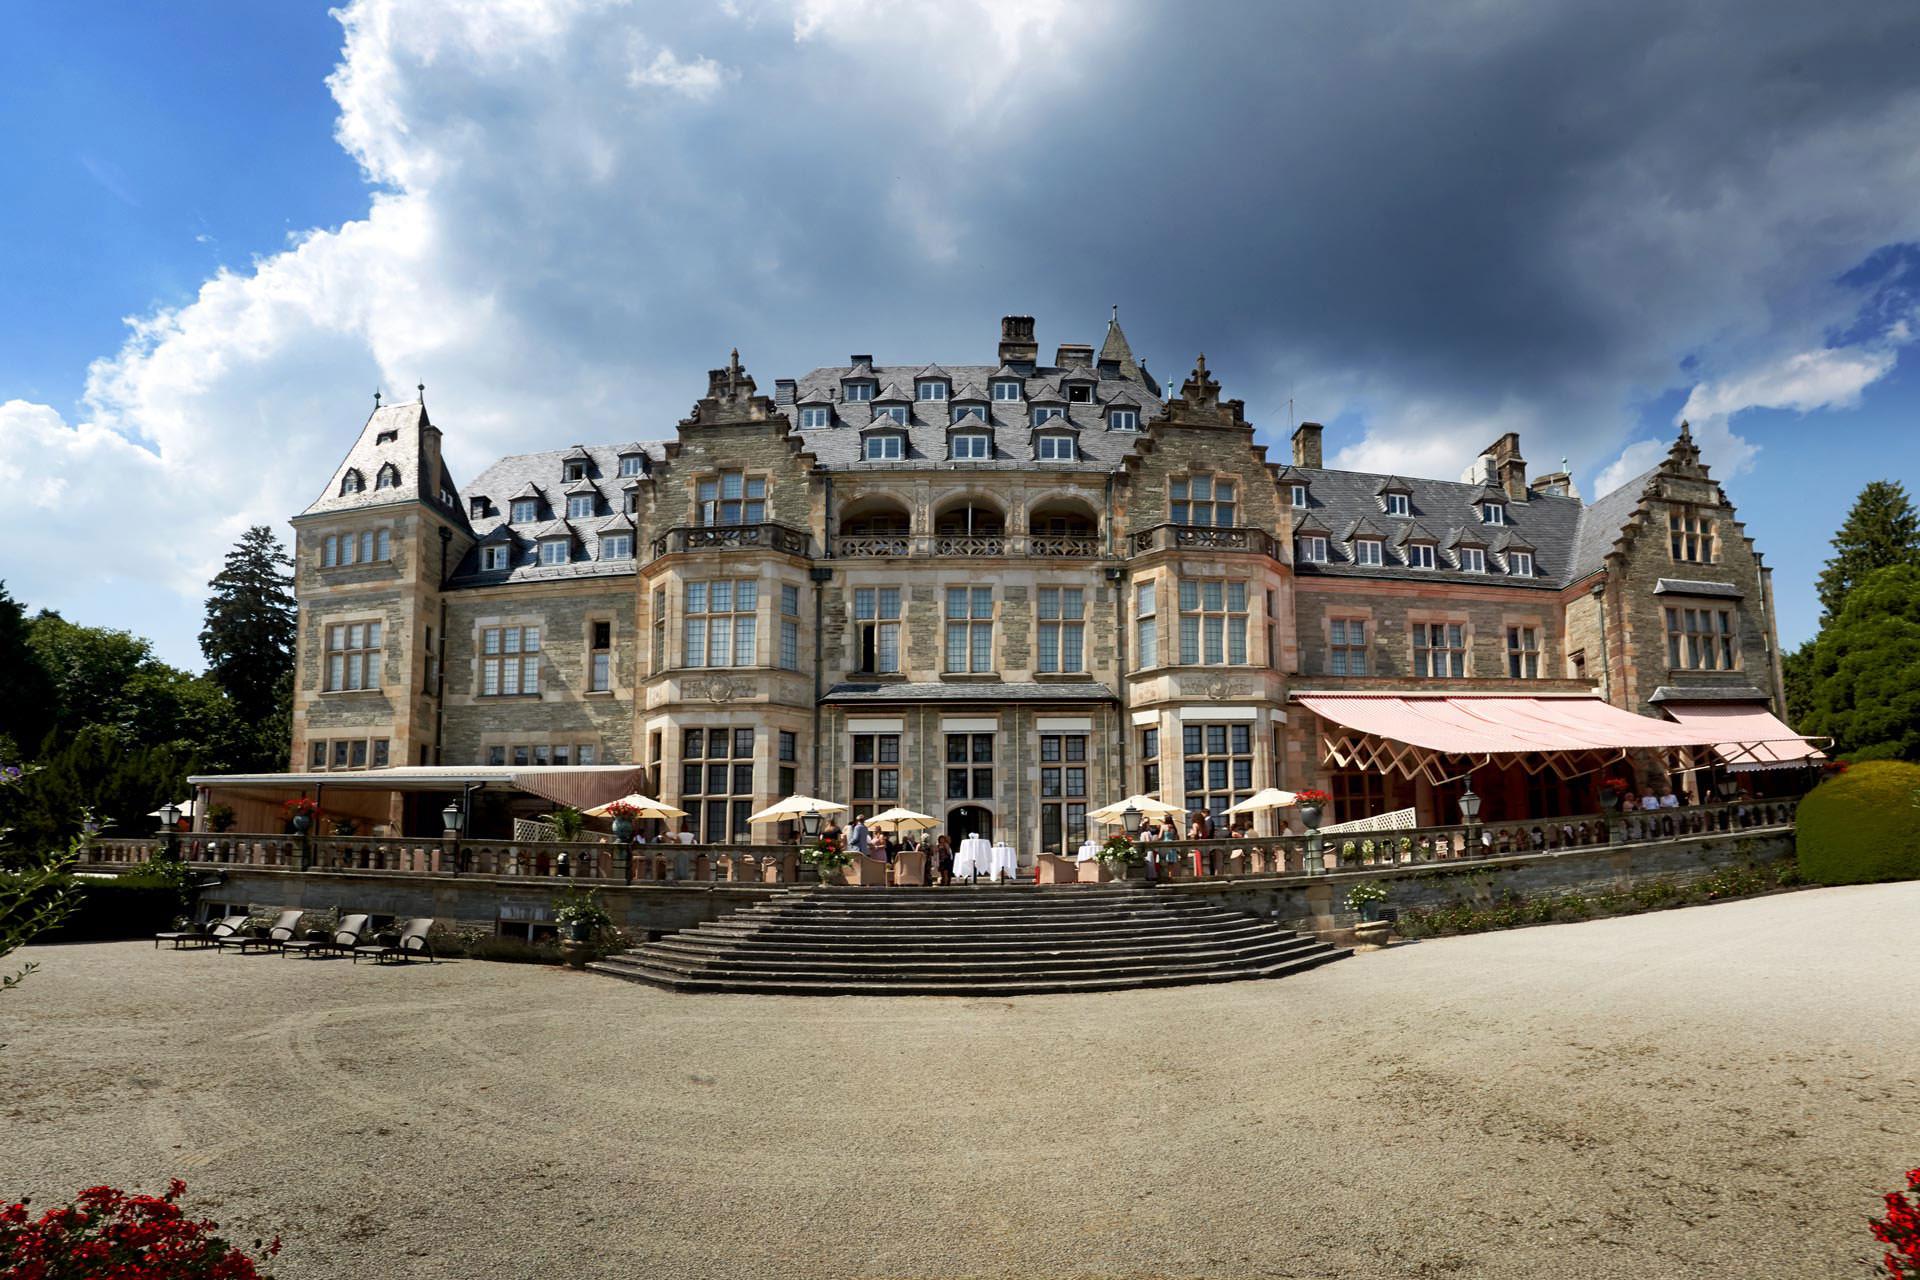 NS_001__Schlosshotel_Kronberg_#SchlosshotelKronberg_